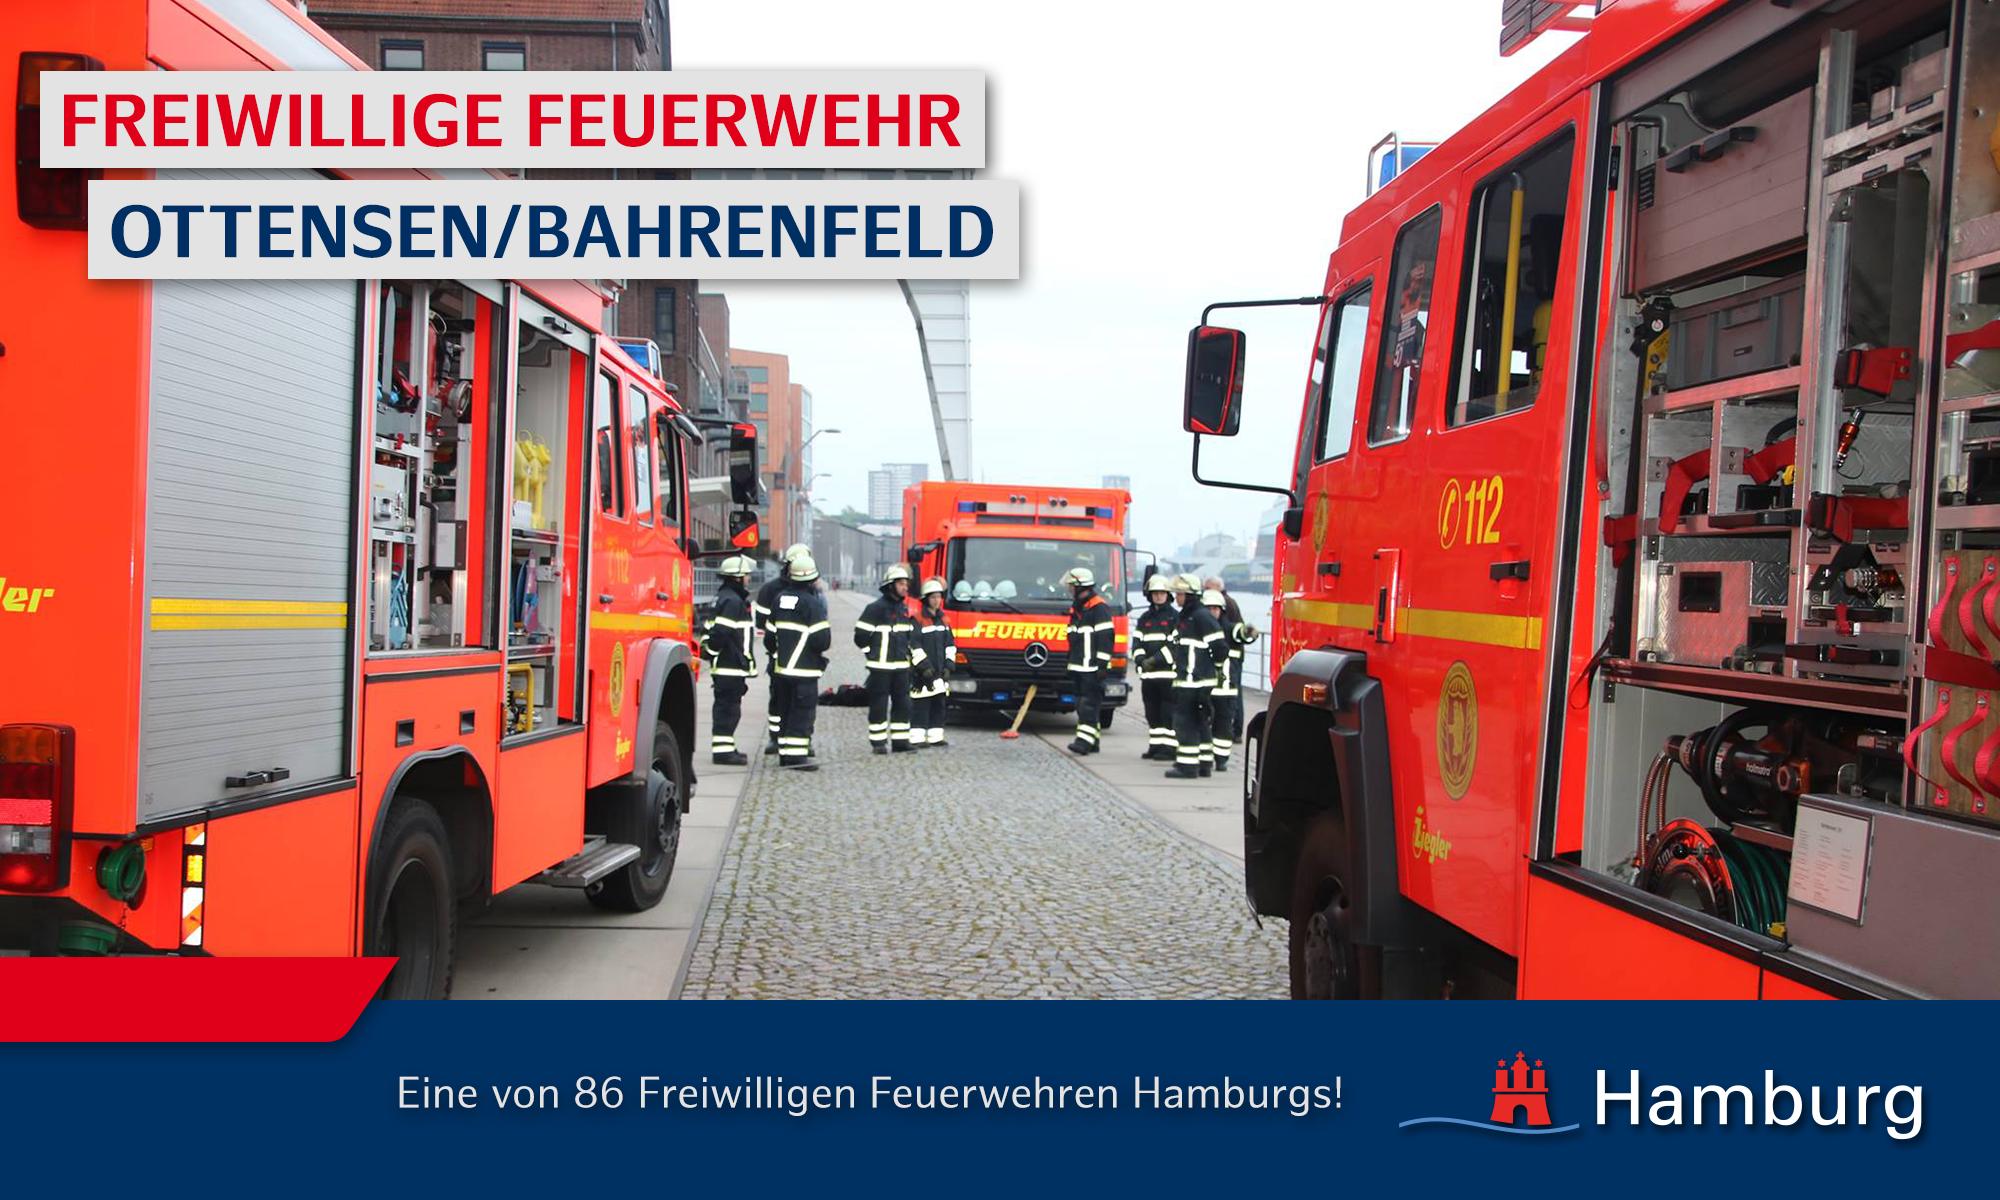 Freiwillige Feuerwehr Ottensen / Bahrenfeld